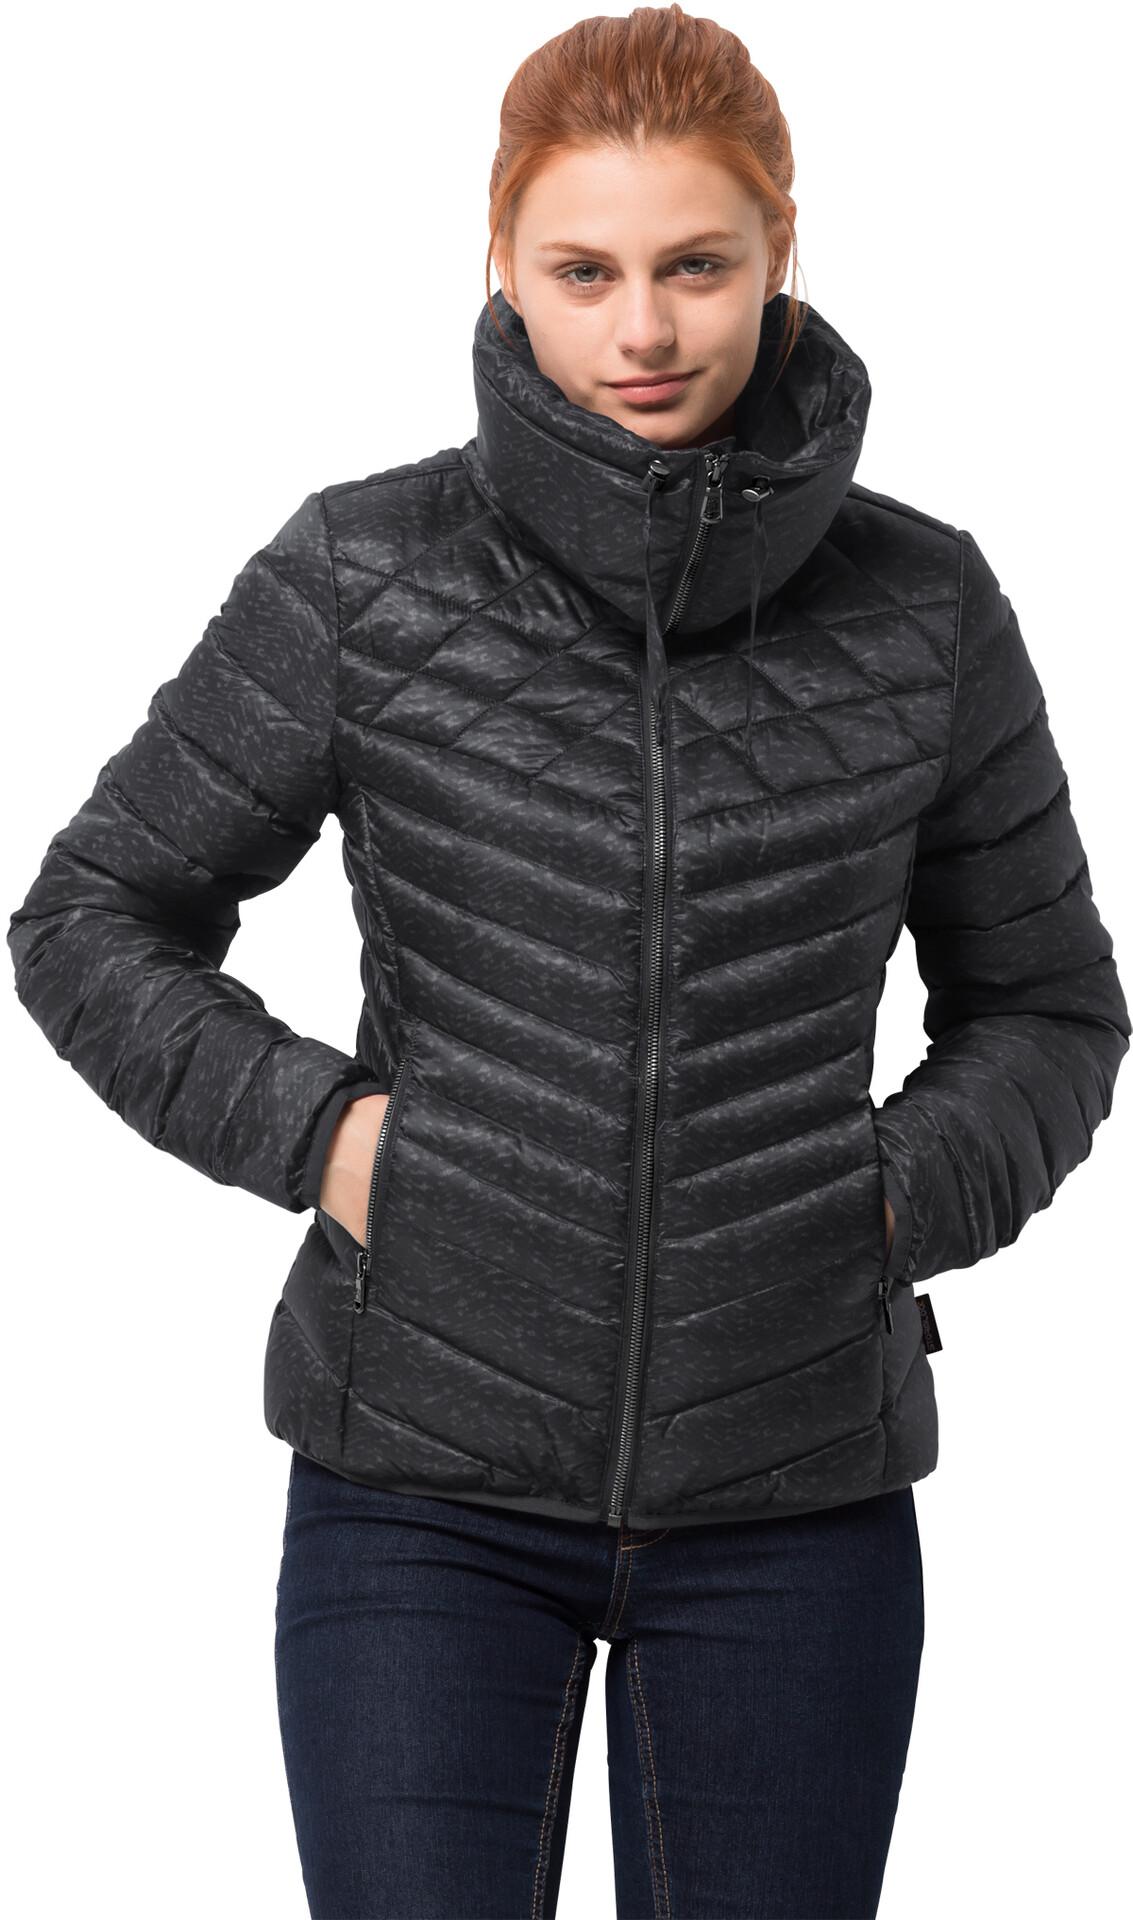 Jack wolfskin richmond jacket damen